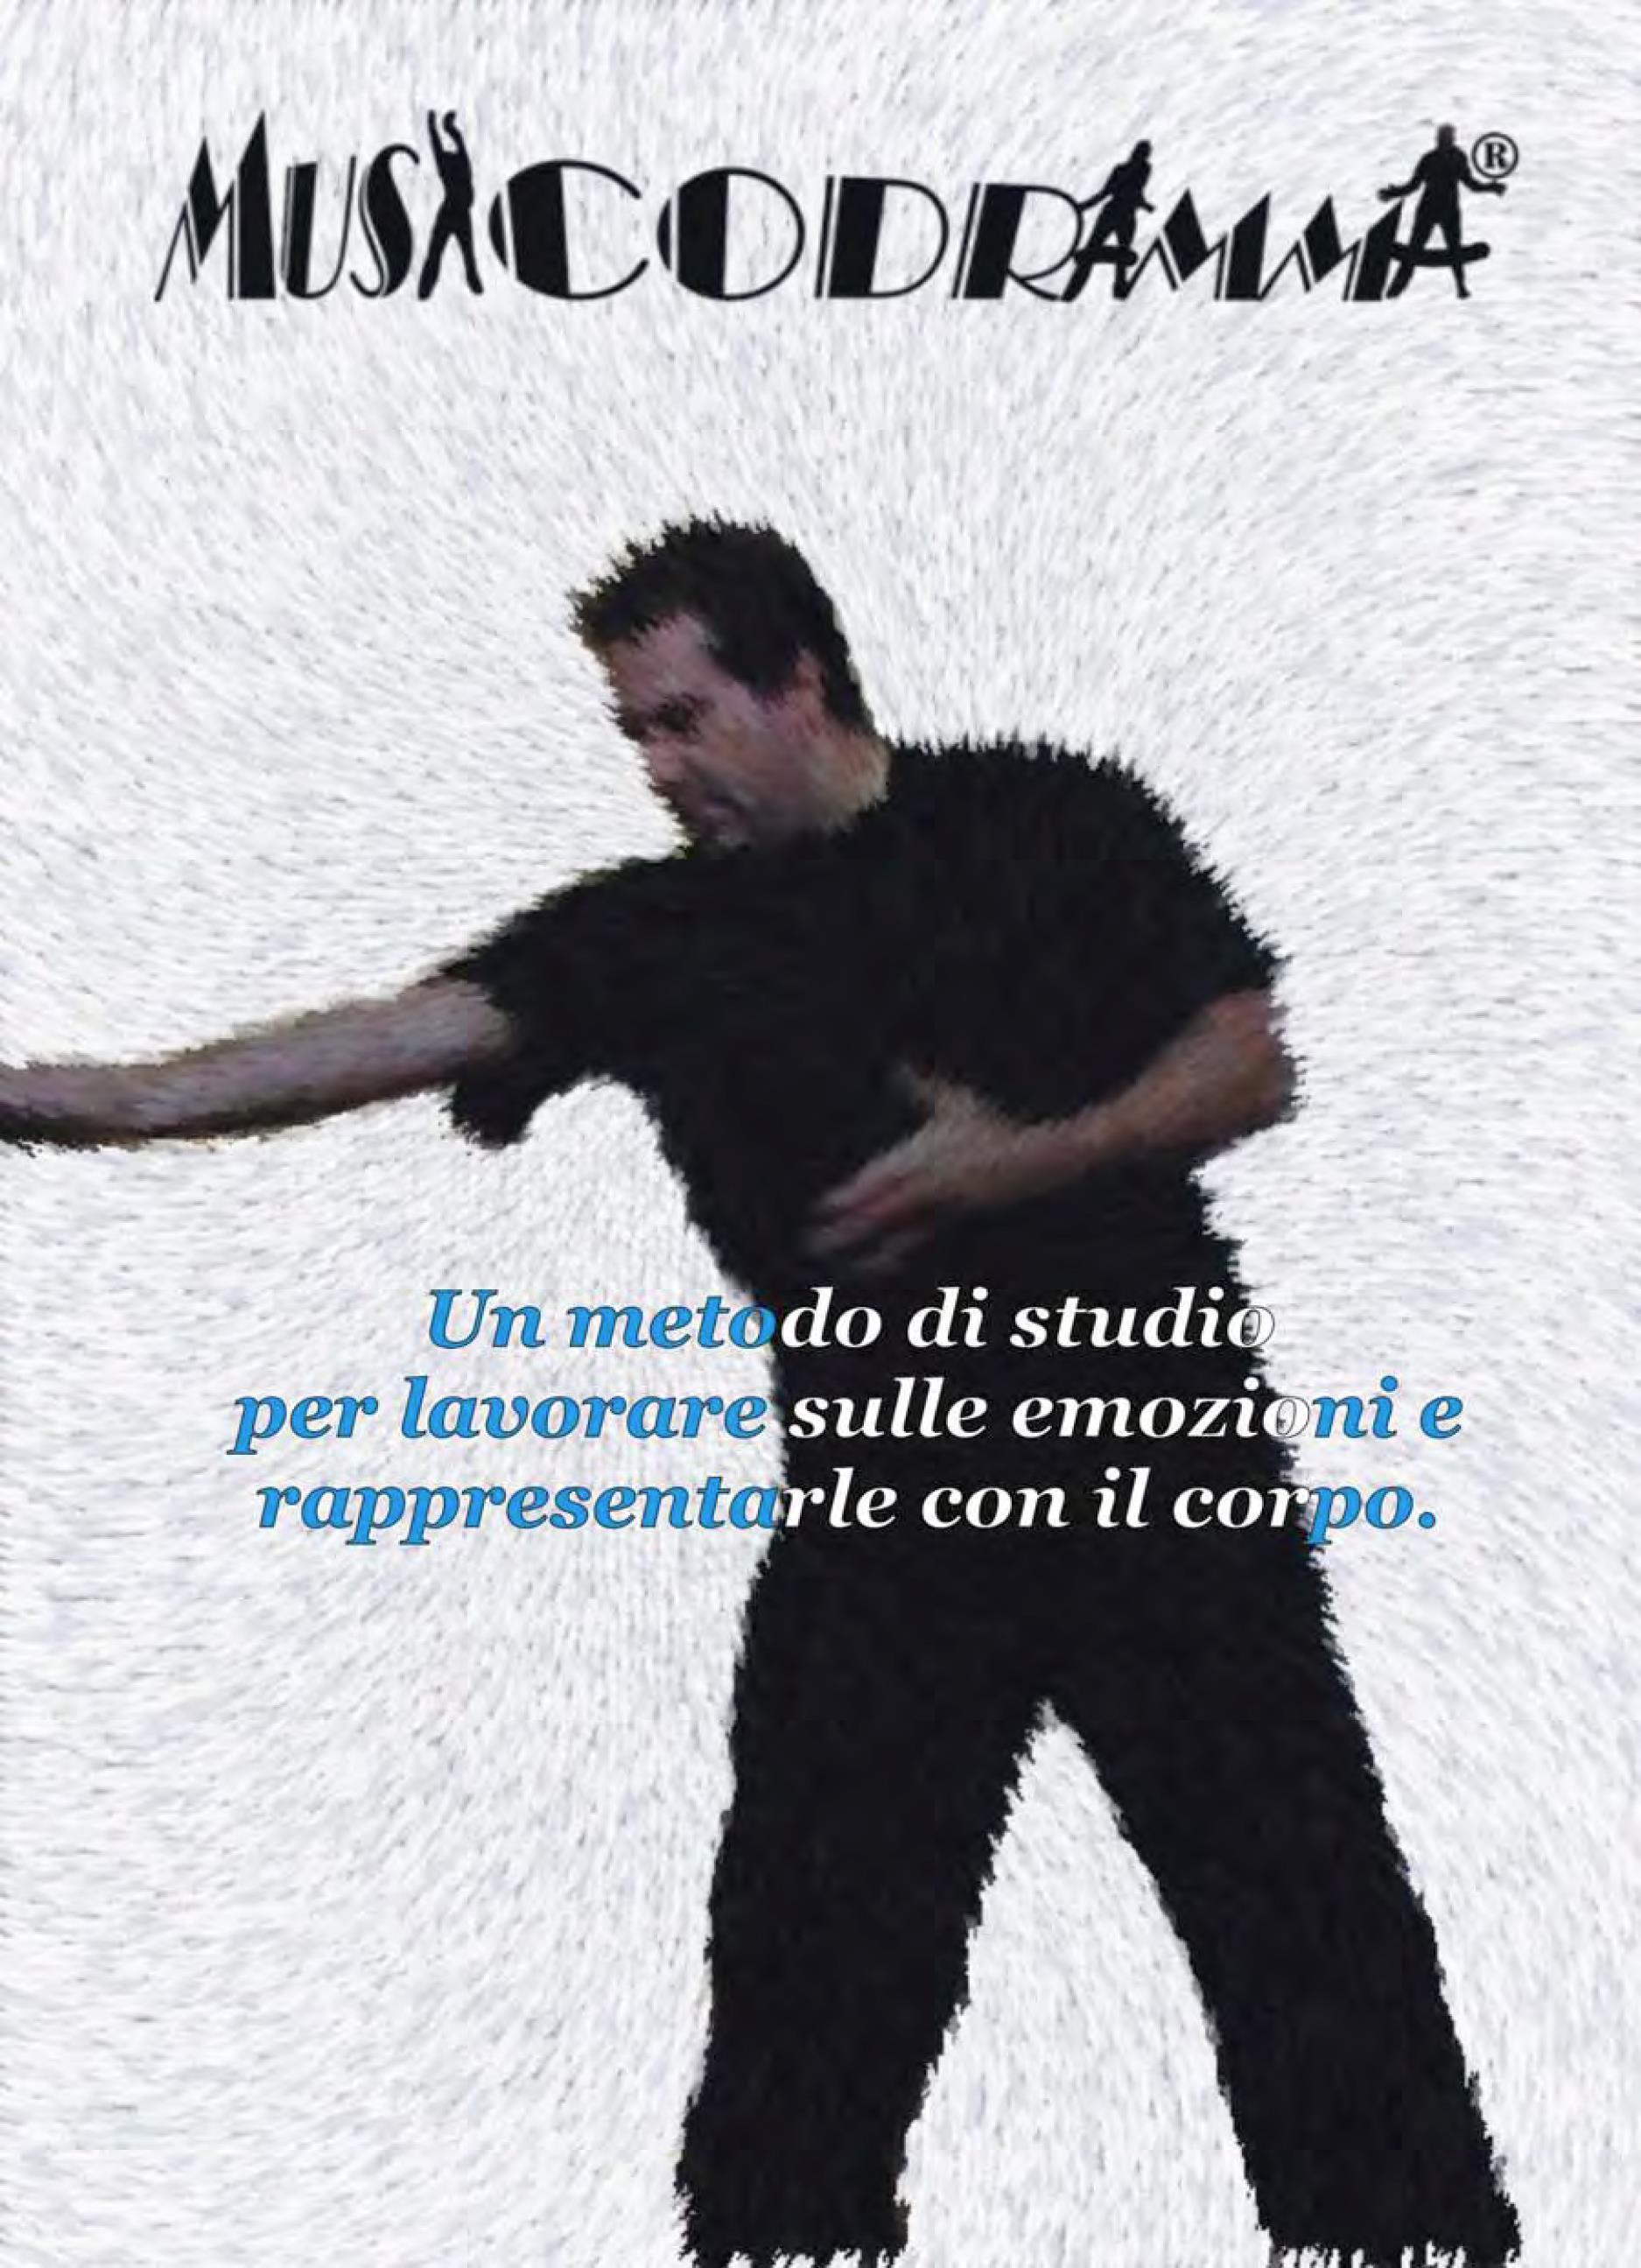 MUSICODRAMMA - Un metodo di studio per lavorare sulle emozioni e rappresentarle con il corpo.